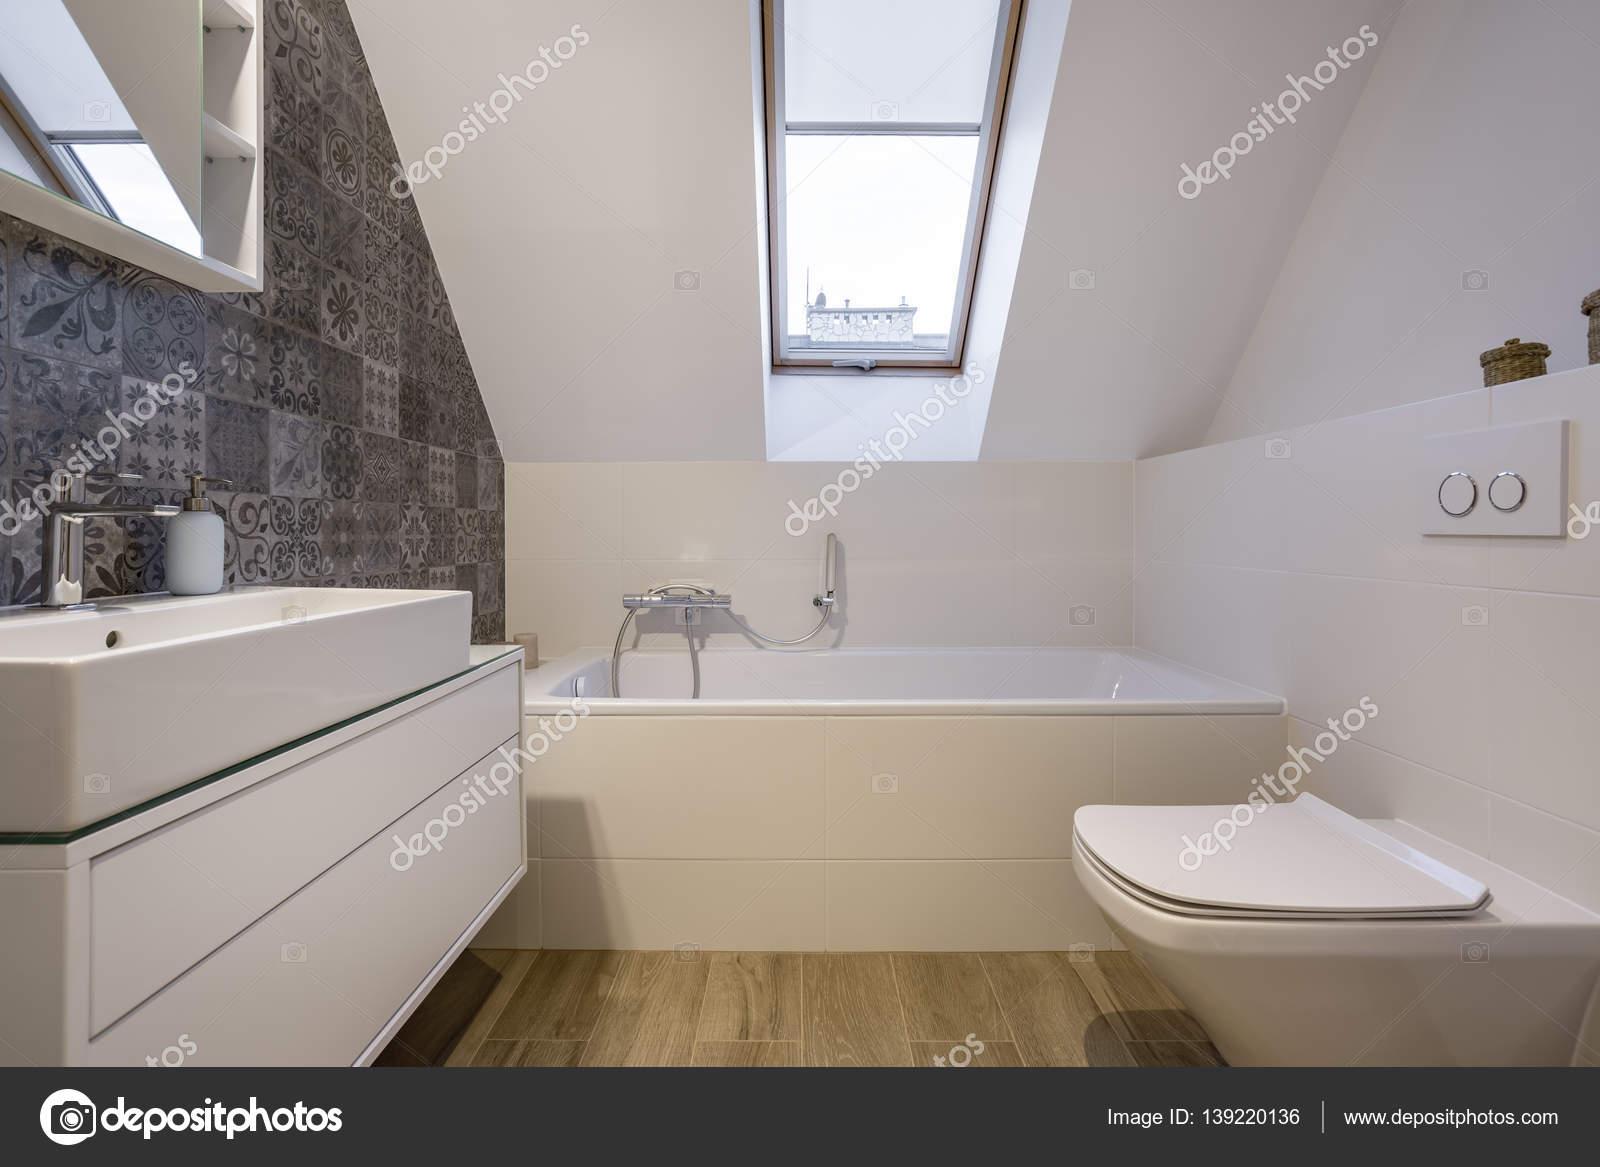 Podkrovní Koupelna S Vanou — Stock Fotografie